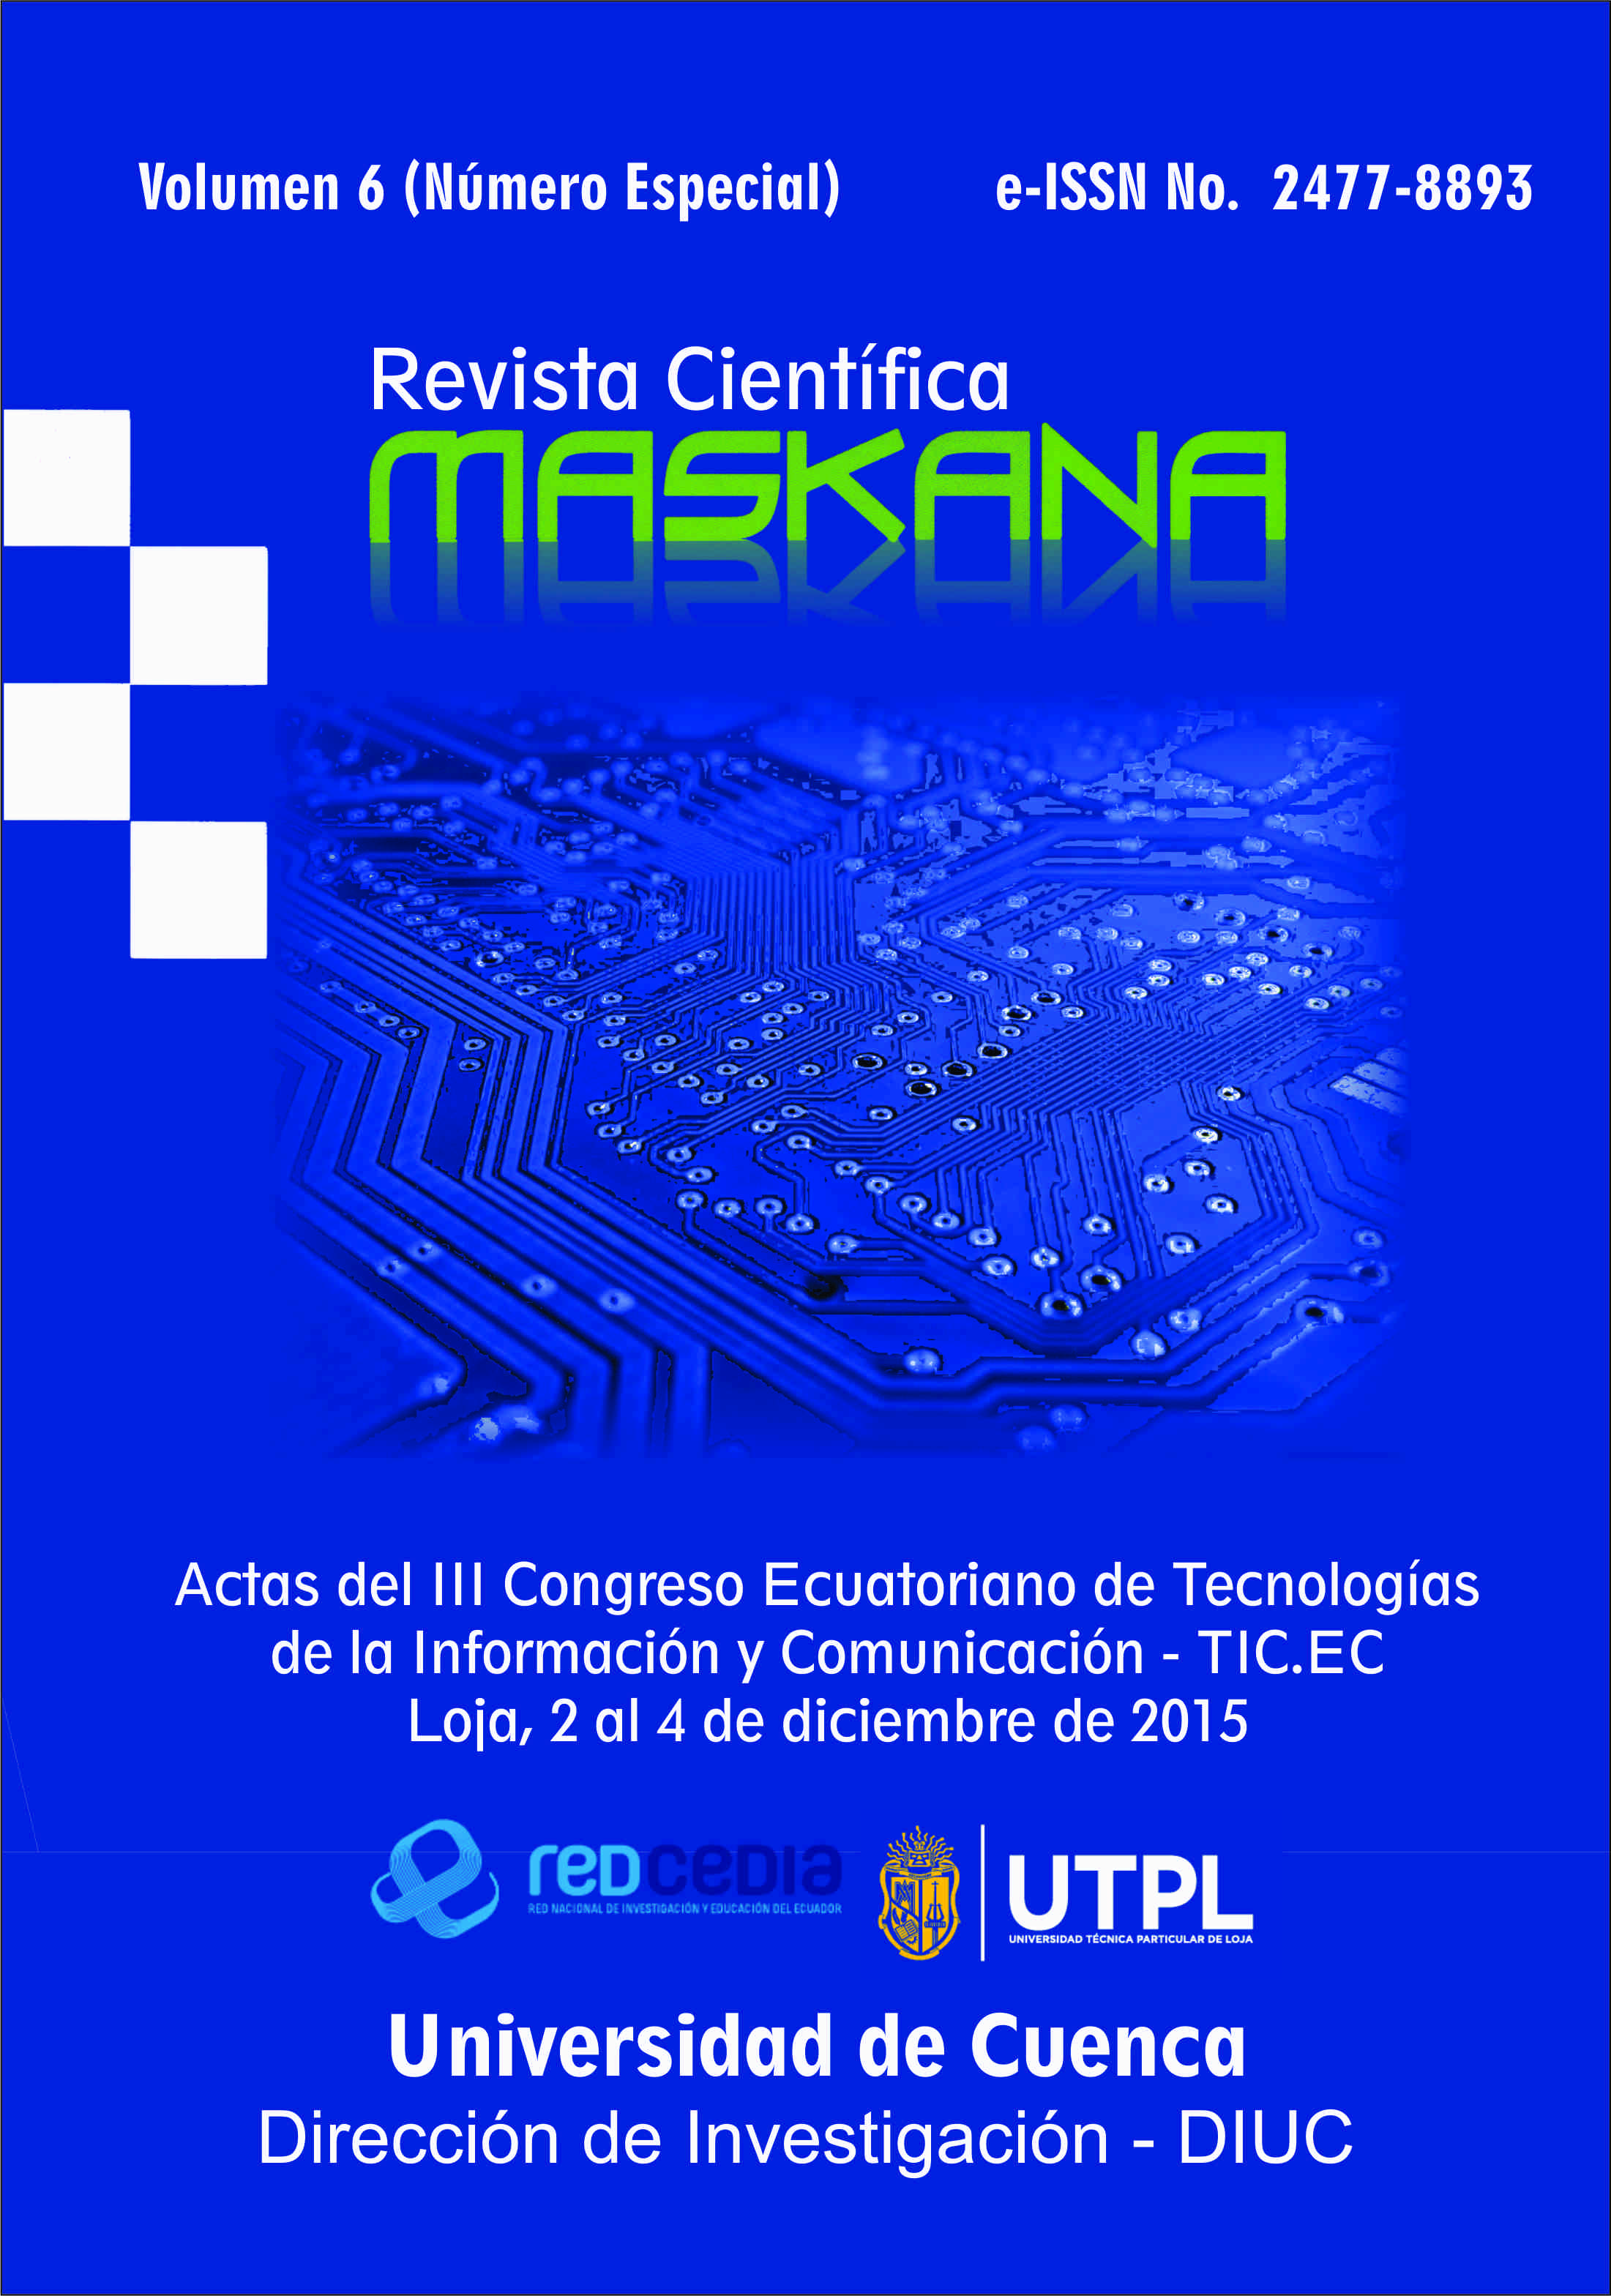 Ver Vol. 6 (2015): Actas del III Congreso Ecuatoriano de Tecnologías de la Información y Comunicación - TIC.EC 2015